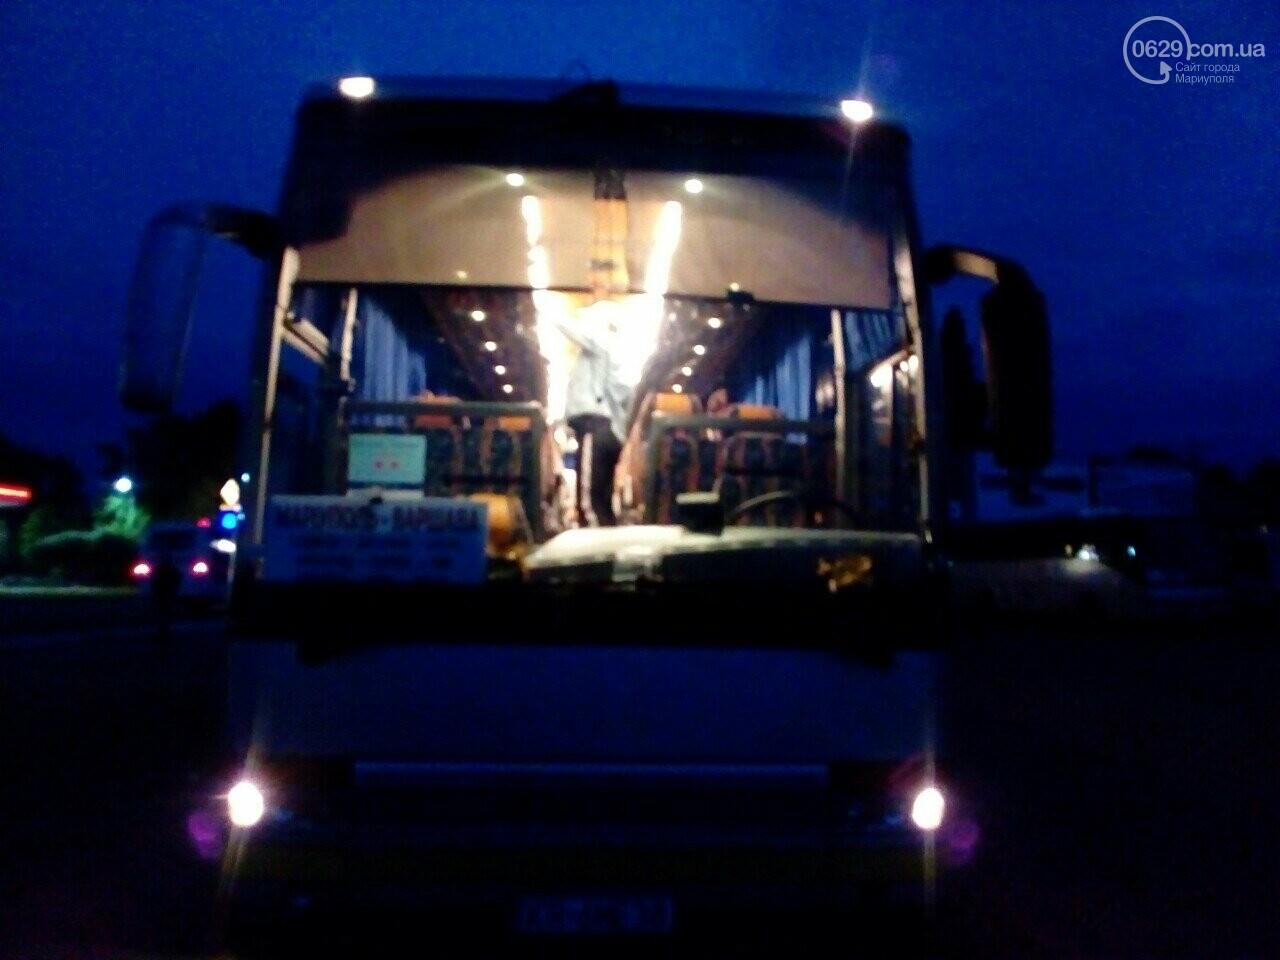 Автобус Варшава - Мариуполь вез пассажиров в...Донецк, - ФОТО, фото-1